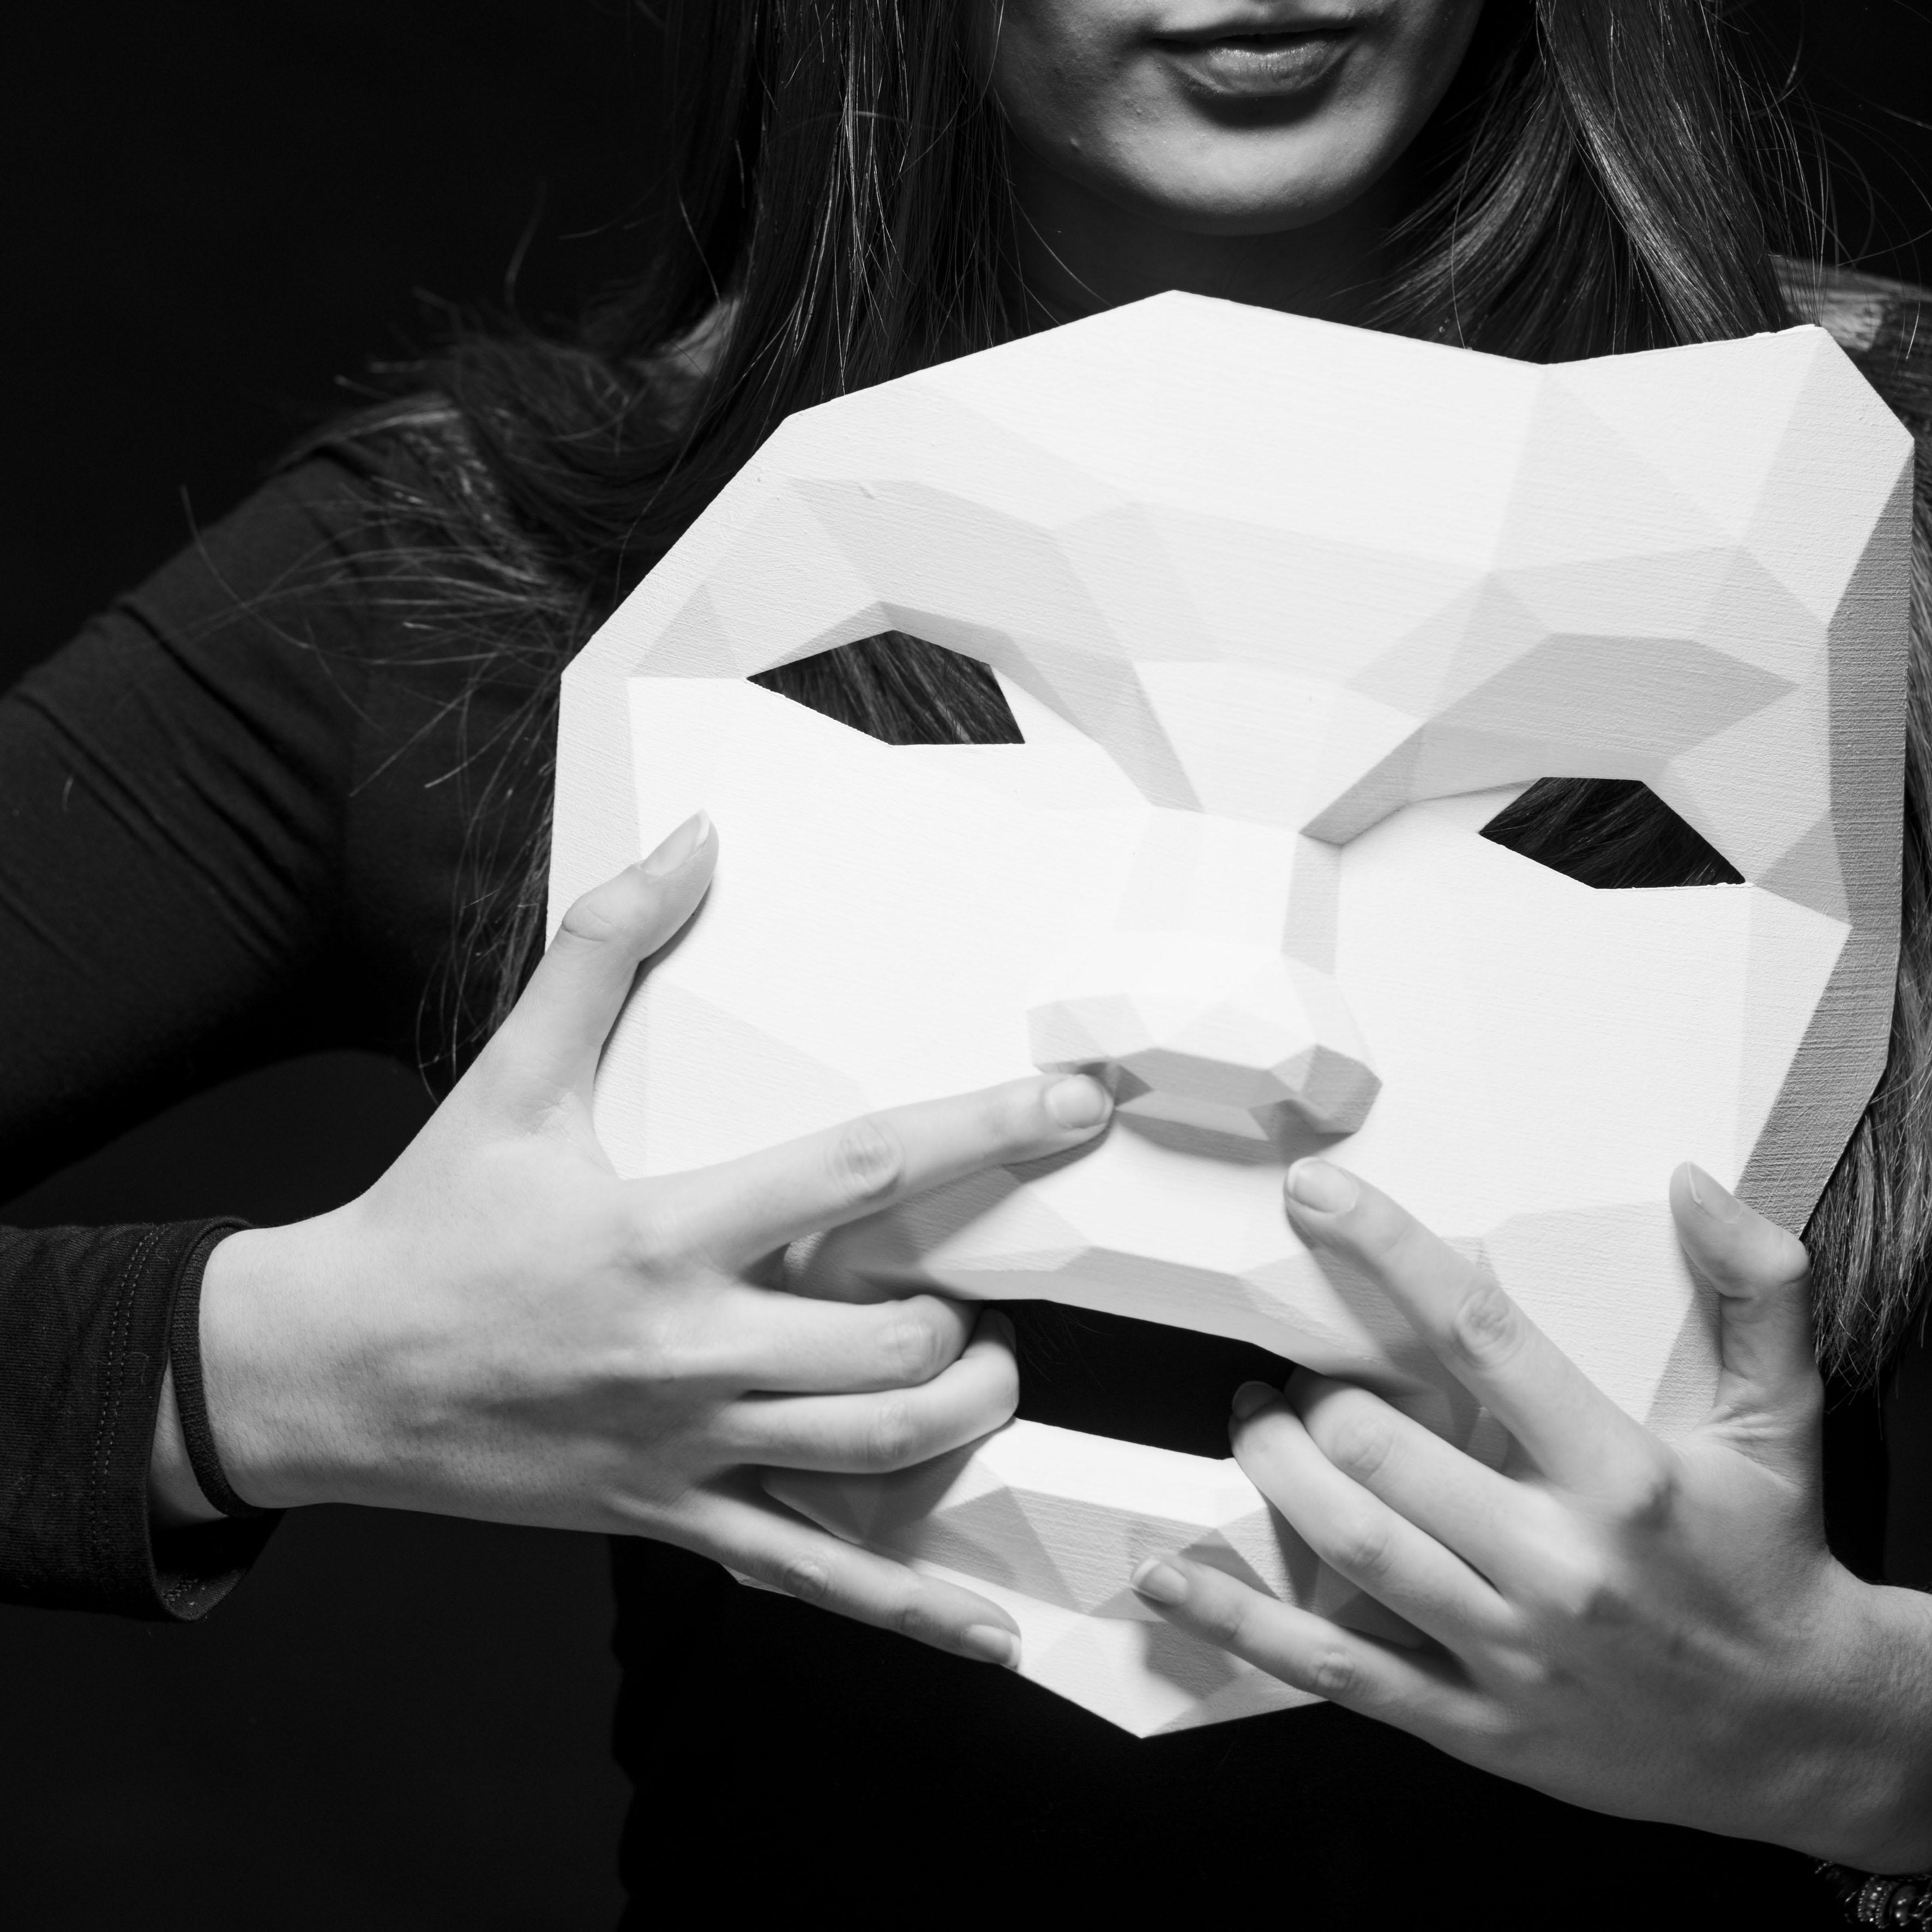 Così come siamo: a Spazio cultura la riflessione degli studenti del Bona su maschere e omologazione. In mostra opere di Damiano Andreotti e Daniele Basso.